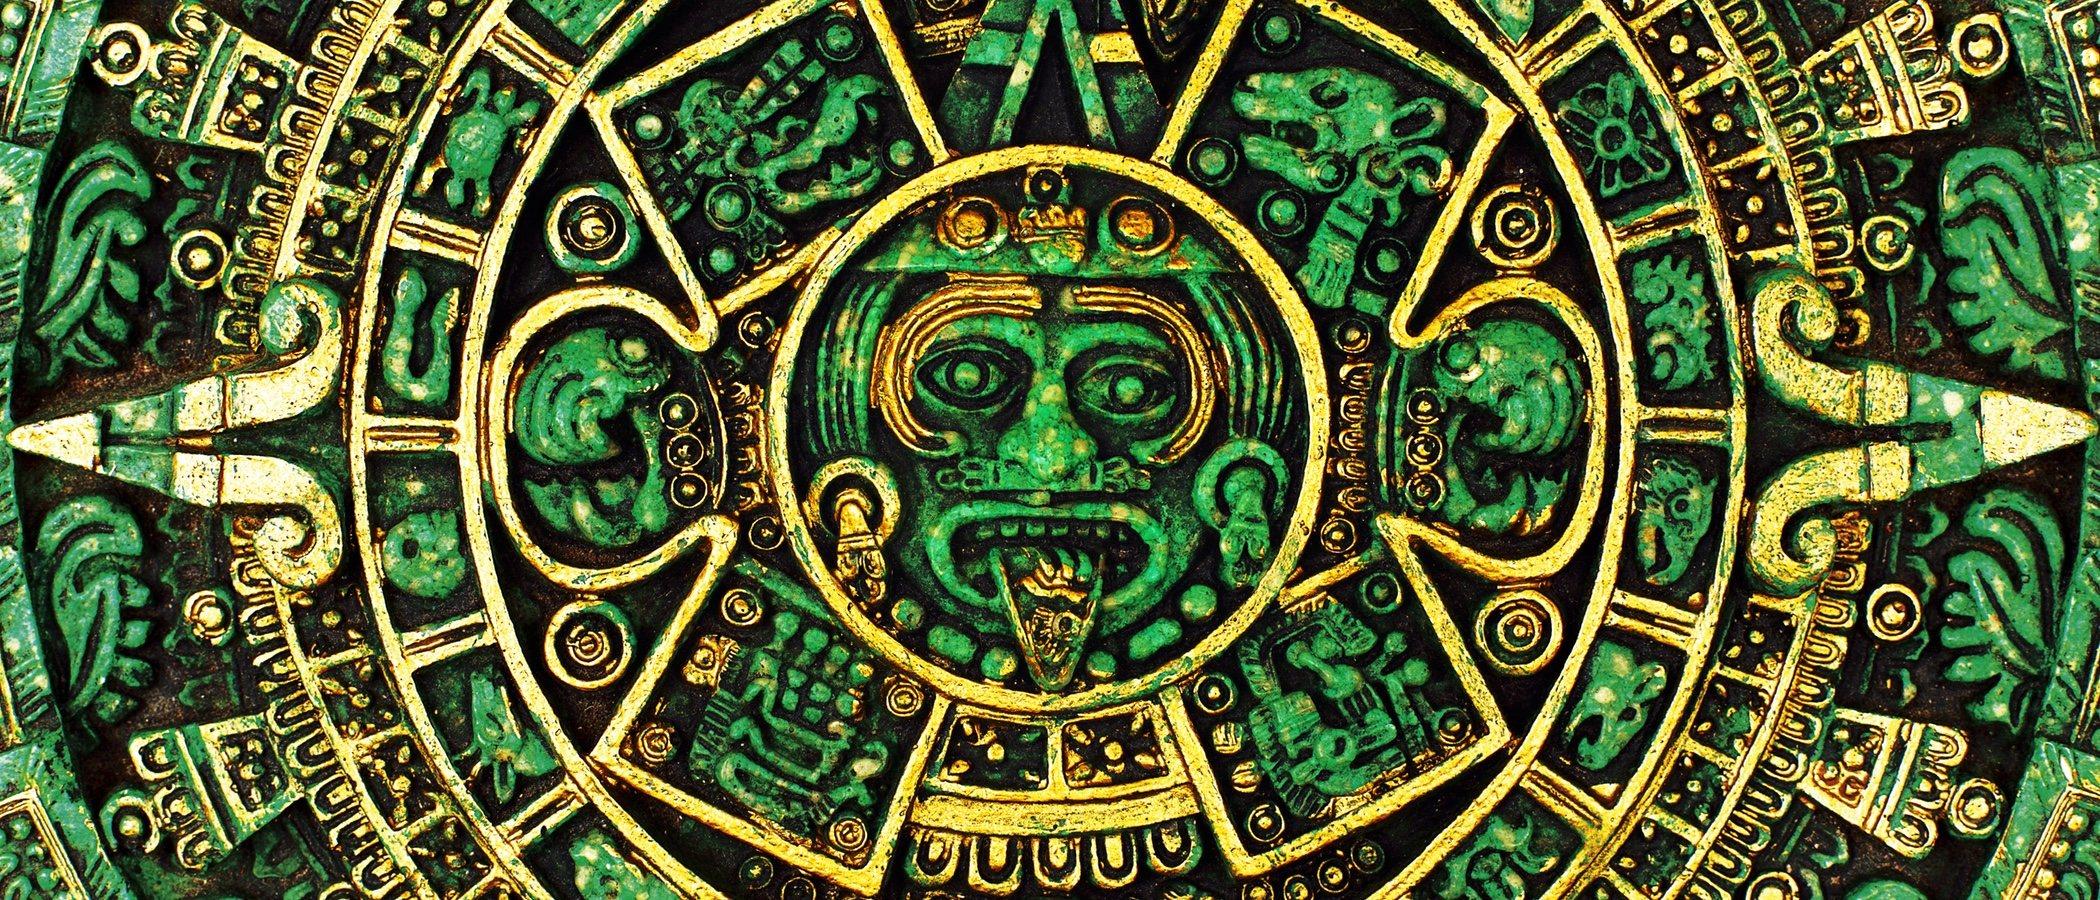 Descubre qué es el Horóscopo maya y cuál es tu signo